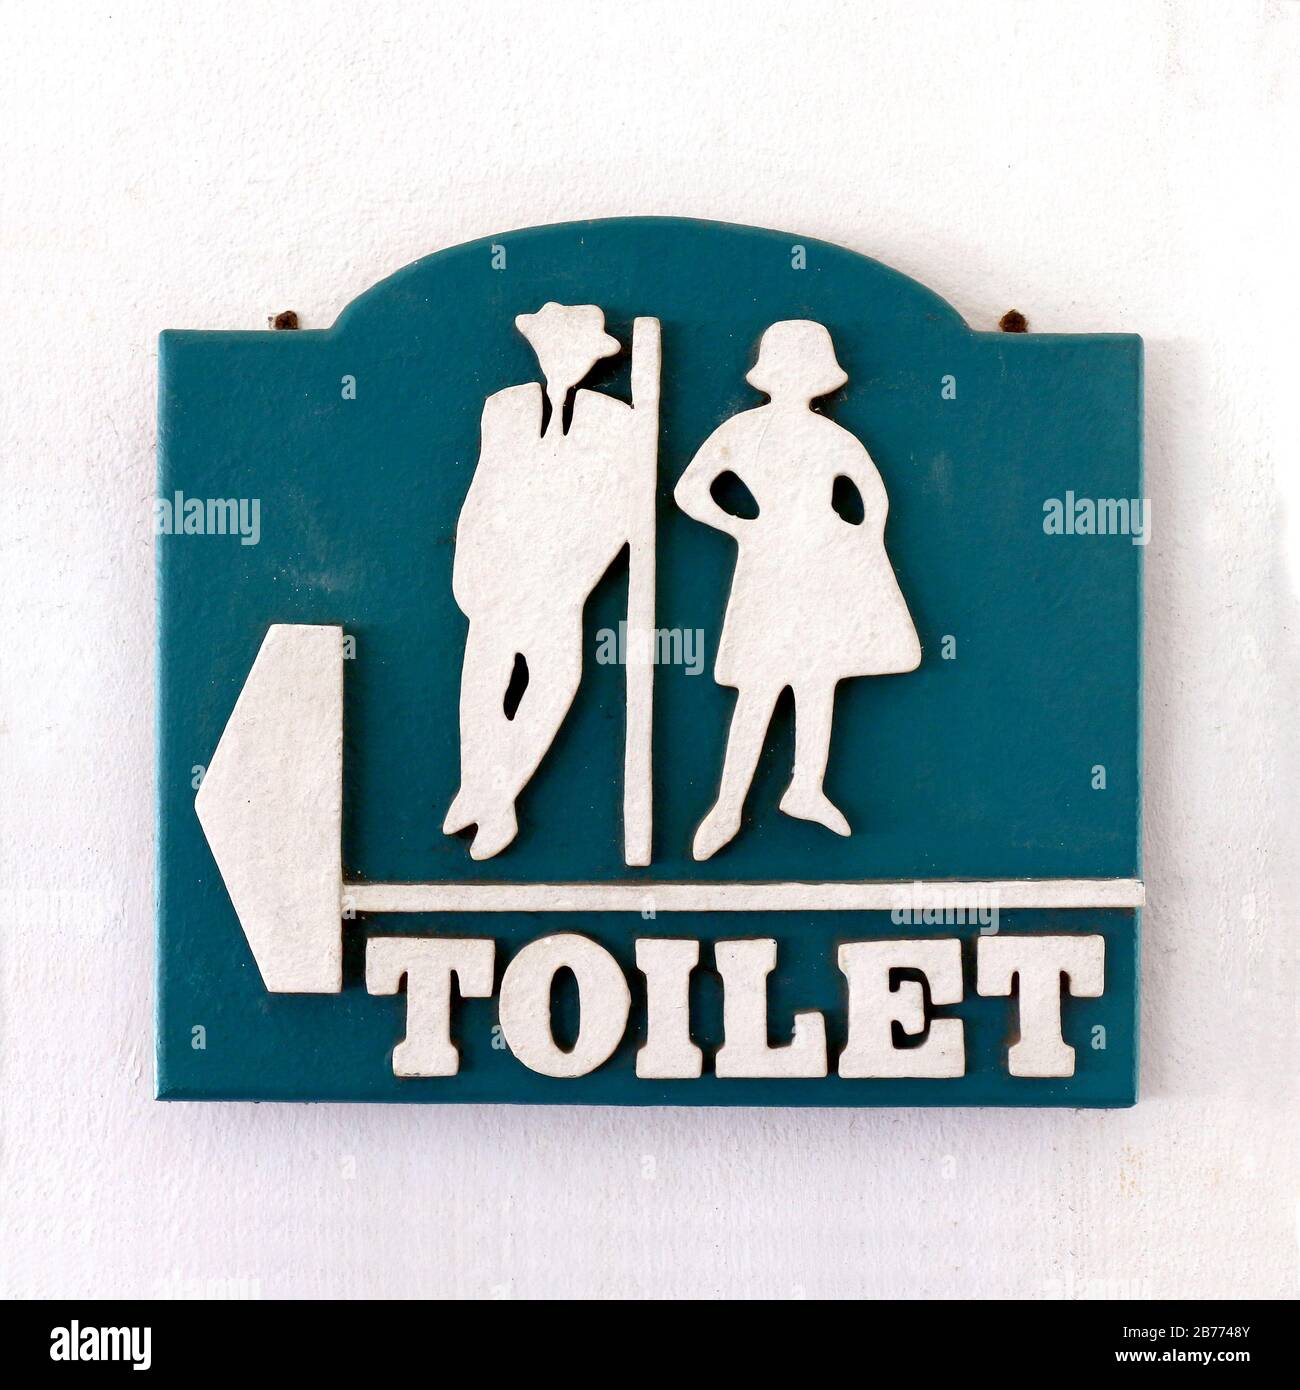 Toilette Signo de Puerta WC ferroviario estilo vintage cuarto de baño placa Retro